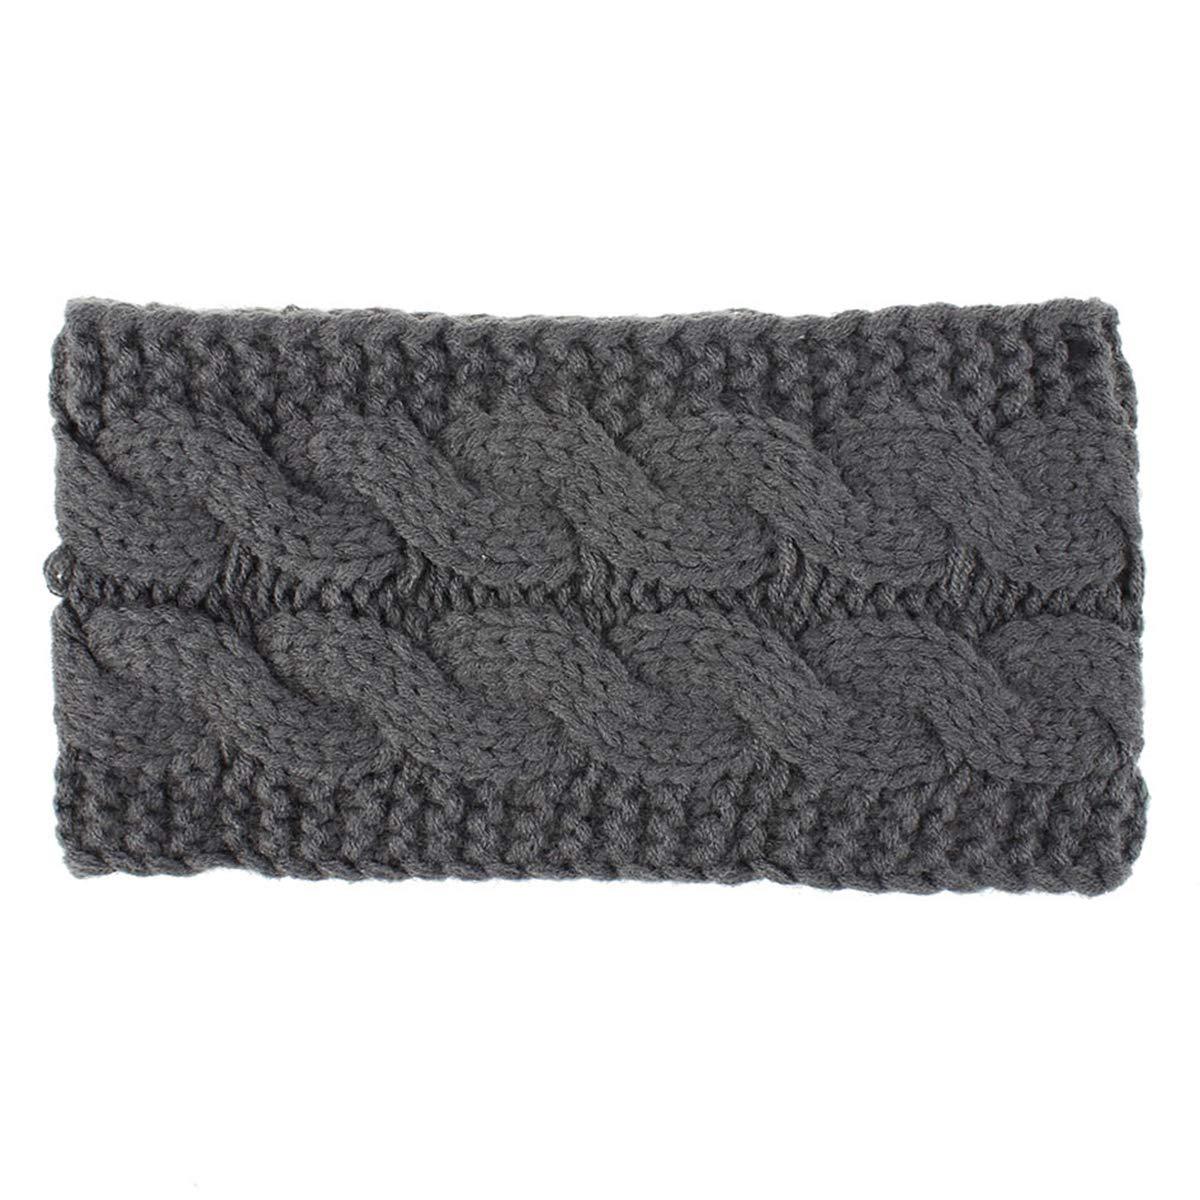 HelloCreate Women Wool Knitted Headband. Women Knit Ear Warmer Headband Winter Warm Fleece Lined Headwrap